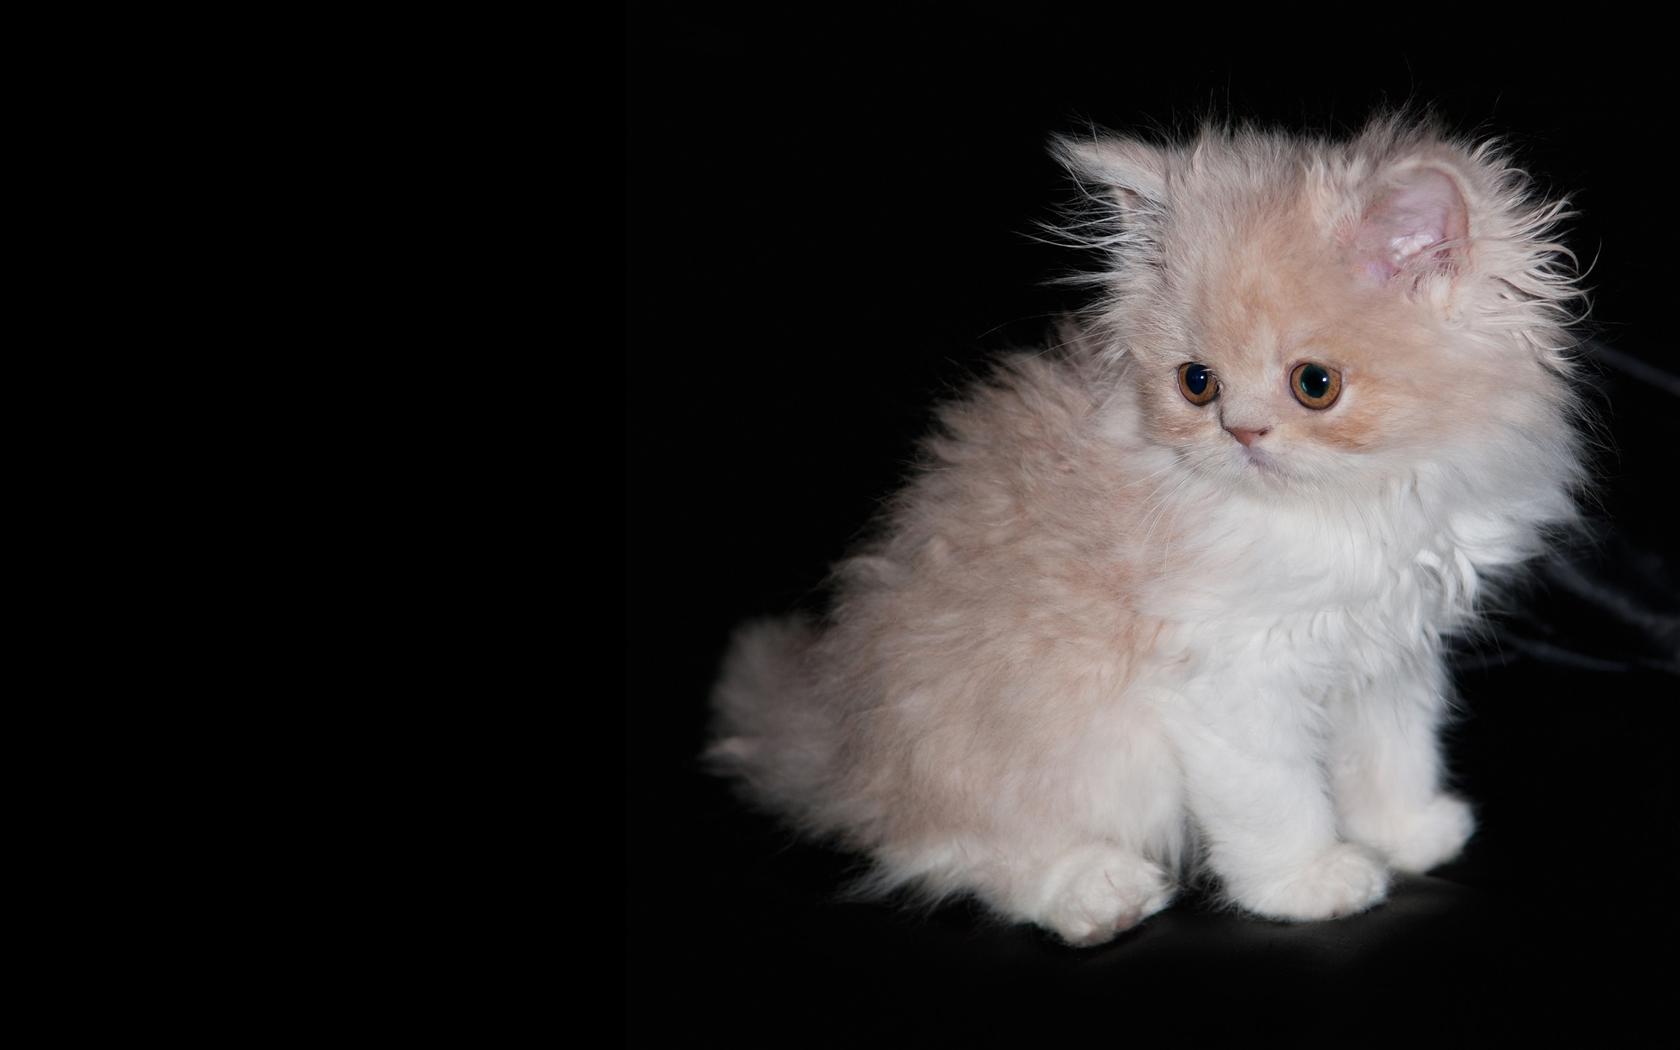 گربه های ناز و ملوس,عکس گربه,عکس گربه خوشگل و ناز,مجموعه عکس,عکس های پیشی ملوس,پیشی ملوس,تصاویر جالب از گربه ها,گربه های خوشگل و ملوس,انواع مدل های گربه های خانگی,گربه های خانگی و تربیت شده,آموزش نگهداری از گربه,بچه گربه بامزه